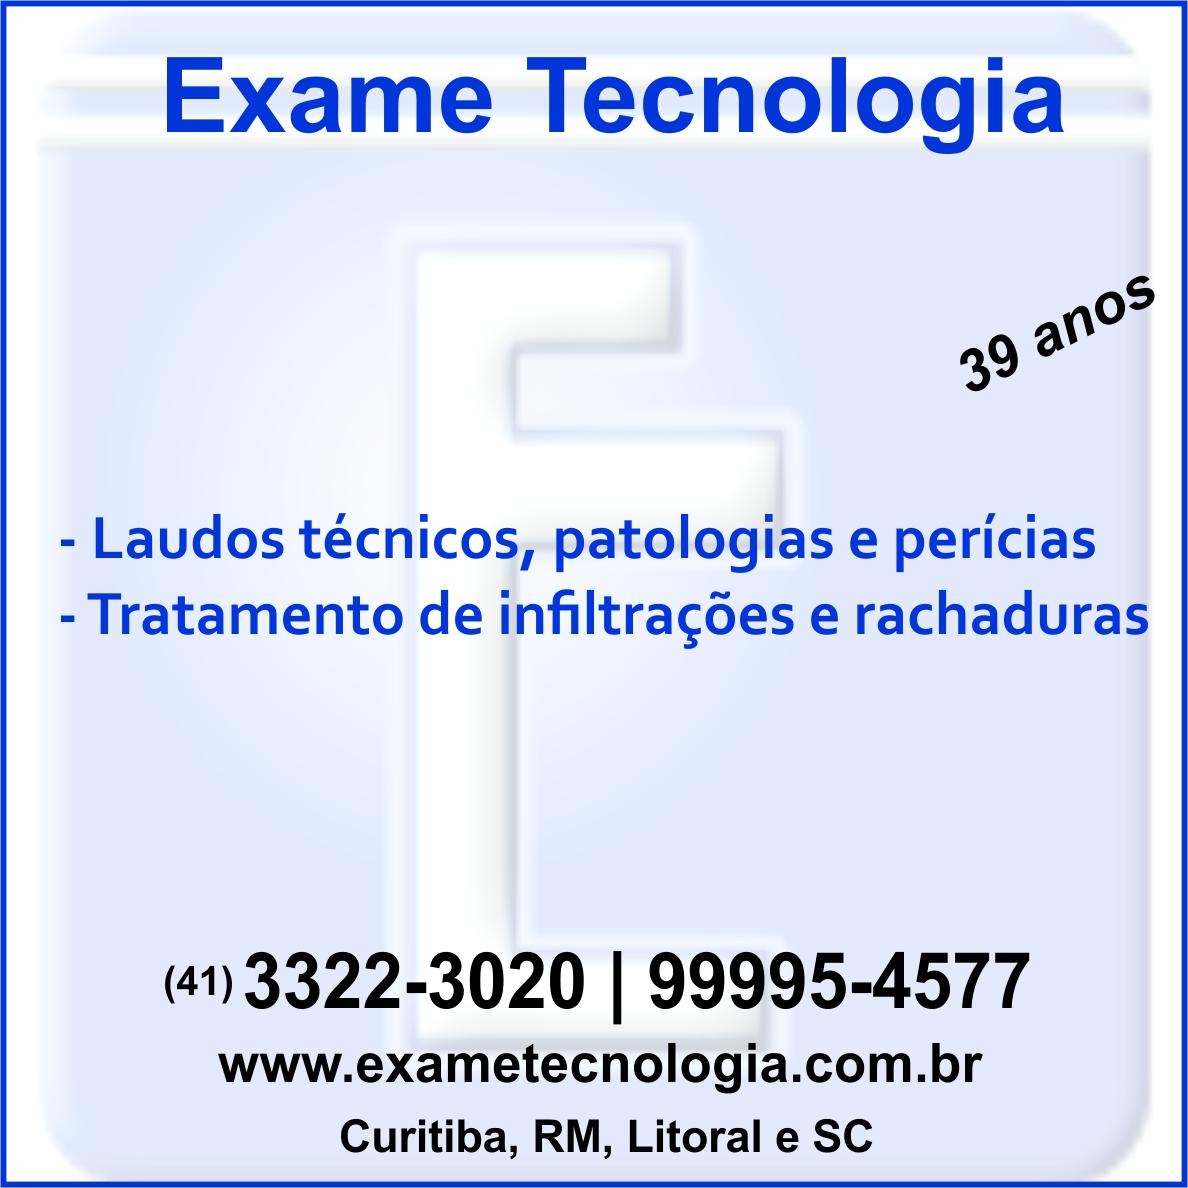 exame tec